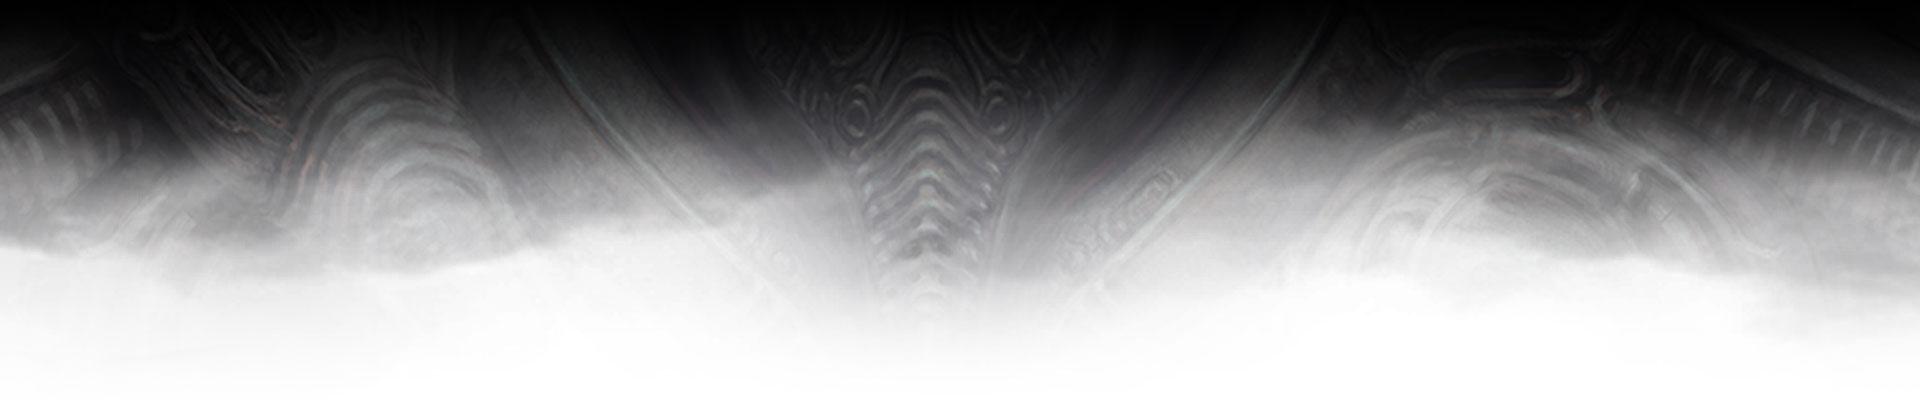 Komplizierter Rand in Schwarz, der zu Weiß verblasst aus Scorn